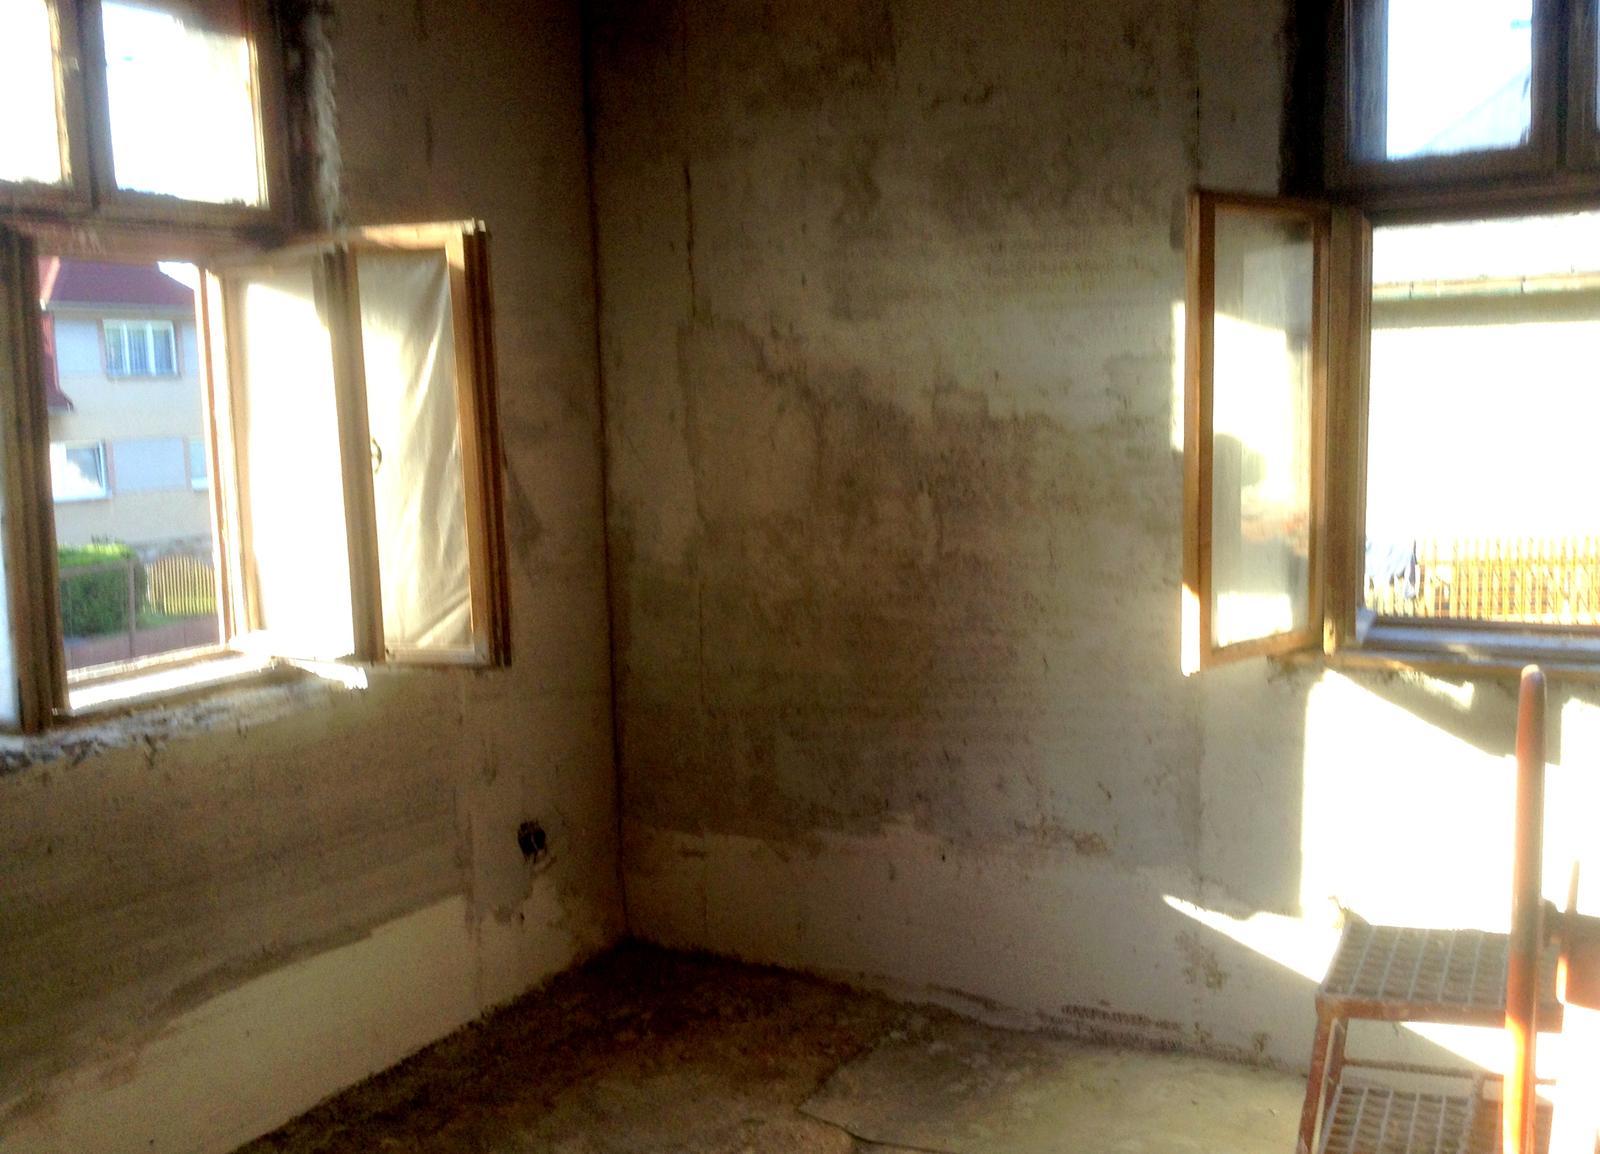 Rekonštrukcia domčeka z roku 1937 - Polovica júna 2014. Okná sú ešte staré - ale omietky už nové. Naťahovali sa na viackrát (niekde je hrúbka omietky až 10 cm). Do výšky 30 - 50 cm sme dávali špeciálnu sanačnú omietku (biela farba). V zadných izbách až do výšky 1 m